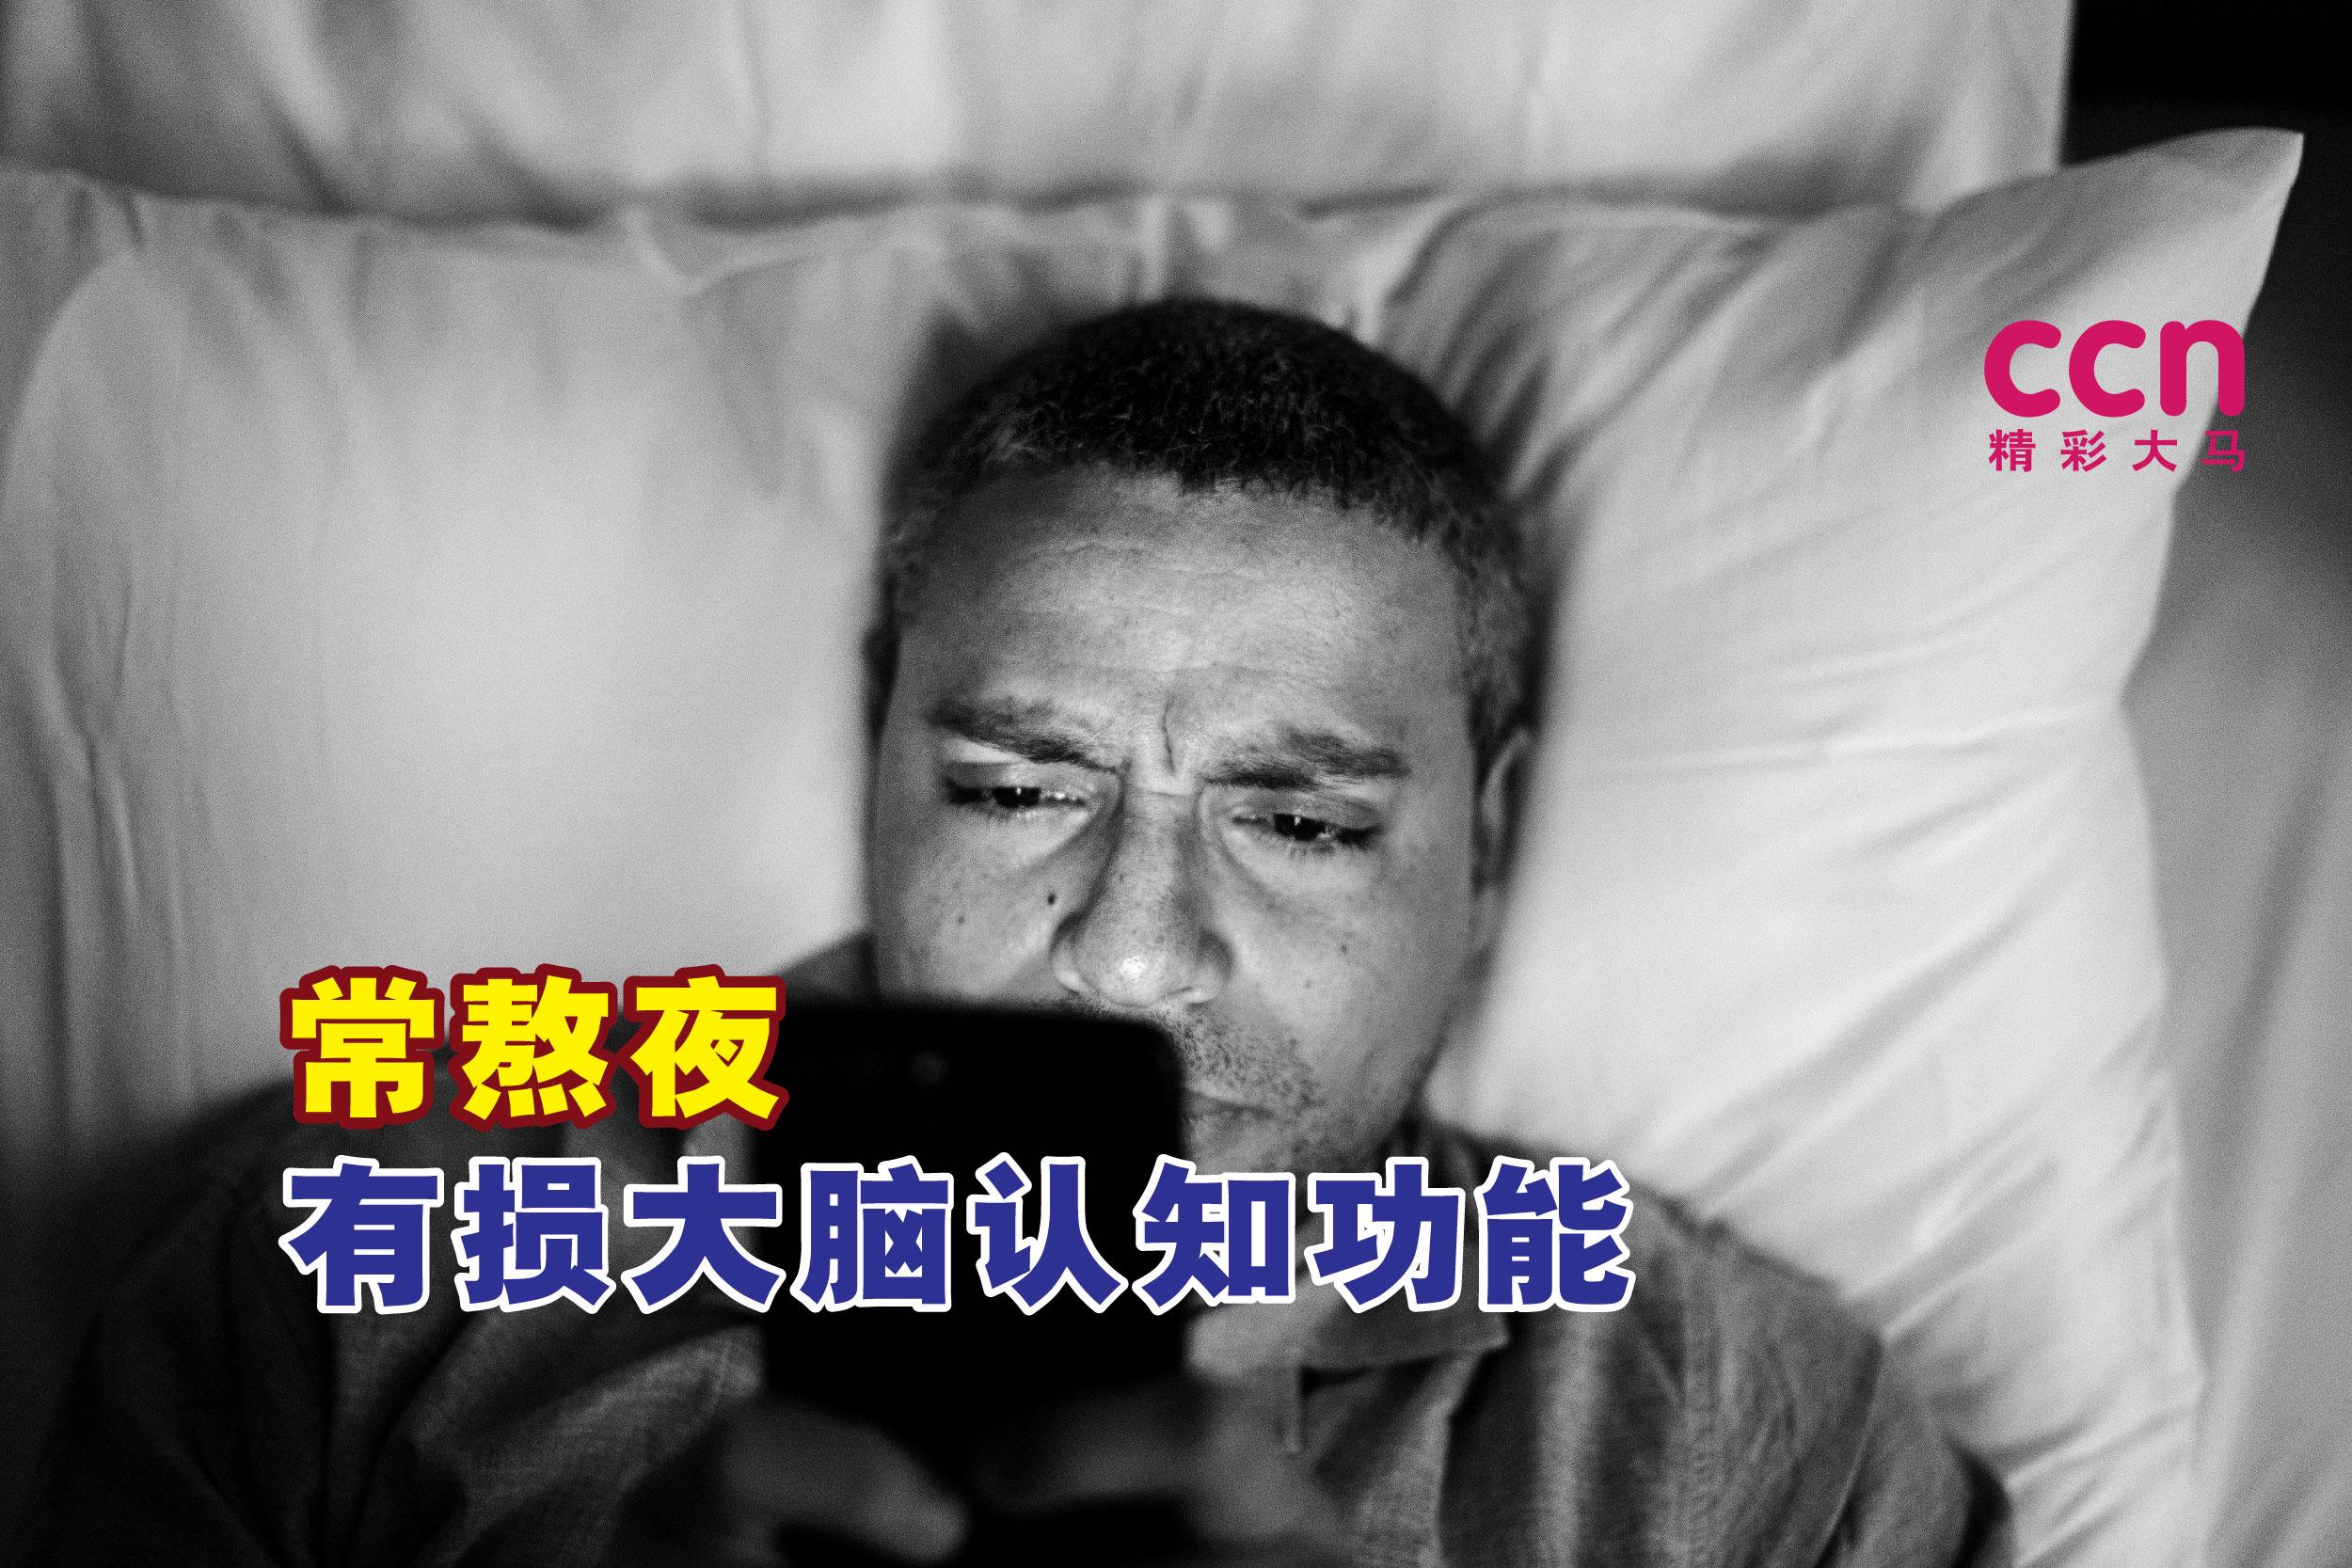 一项新研究表明,长期熬夜后,即使睡足一周也无法完全恢复脑部功能,就算是年轻群体亦是如此。-Freepik,精彩大马制图-